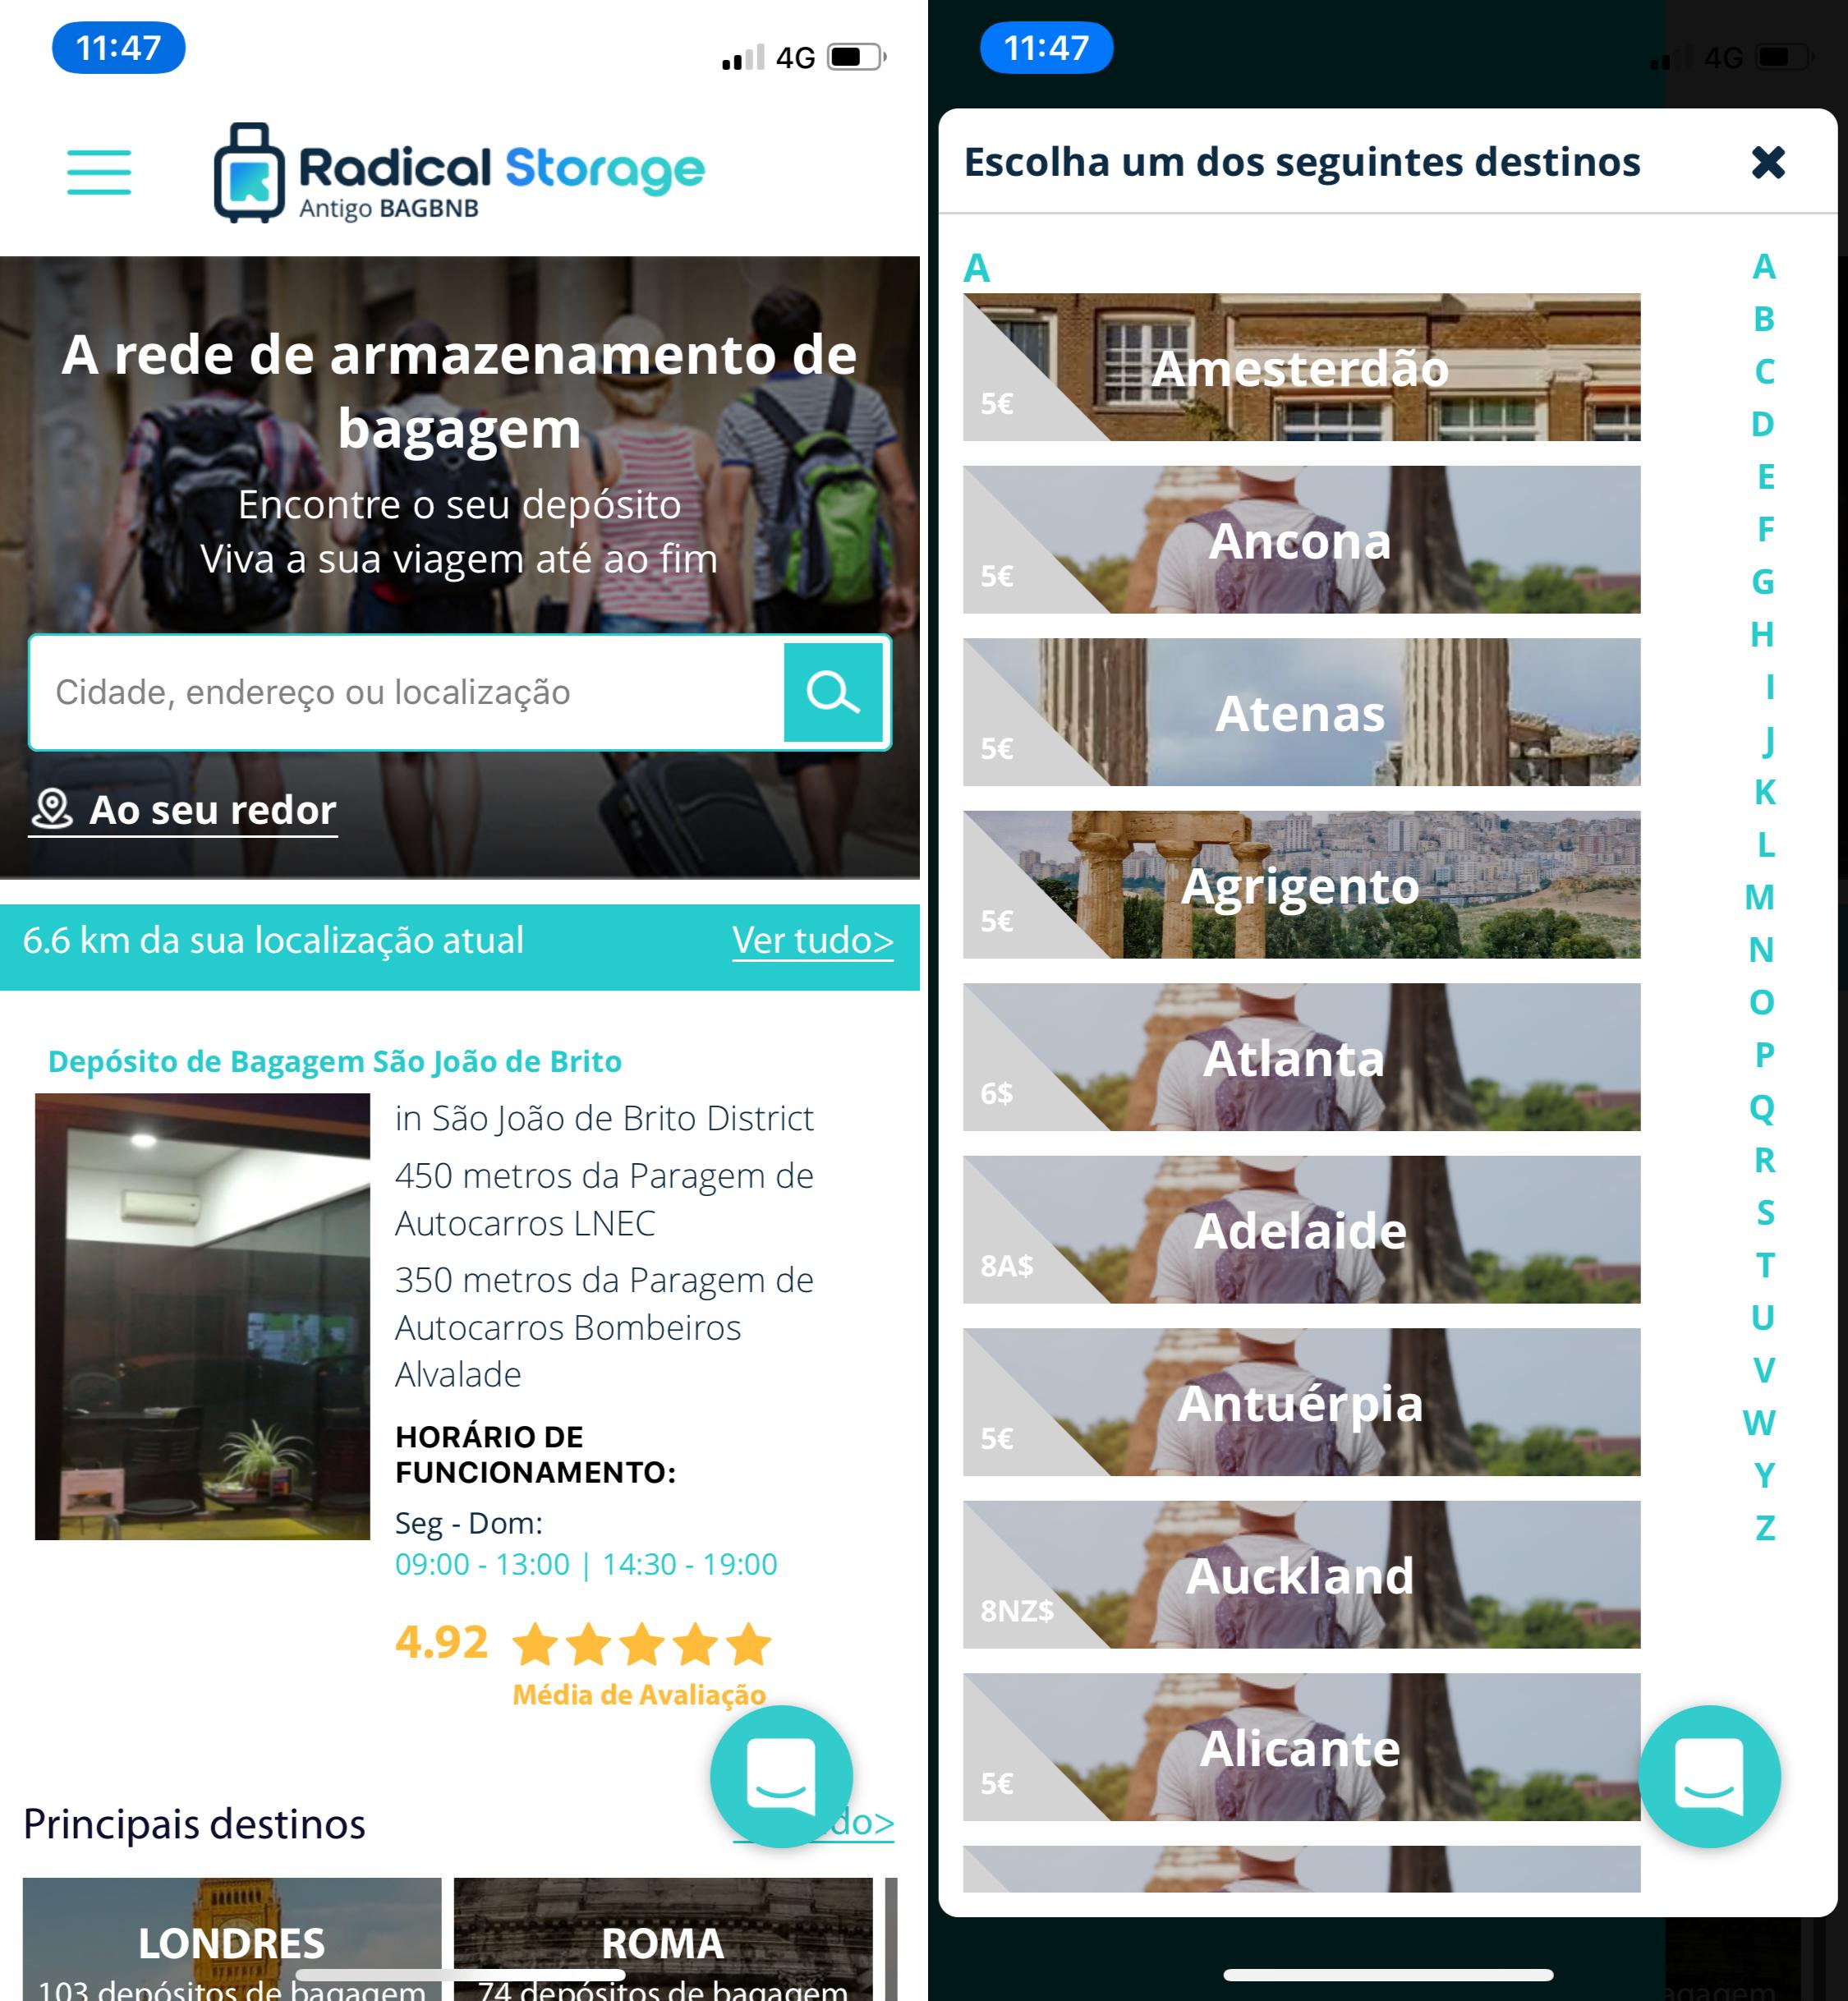 Radical - Luggage Store